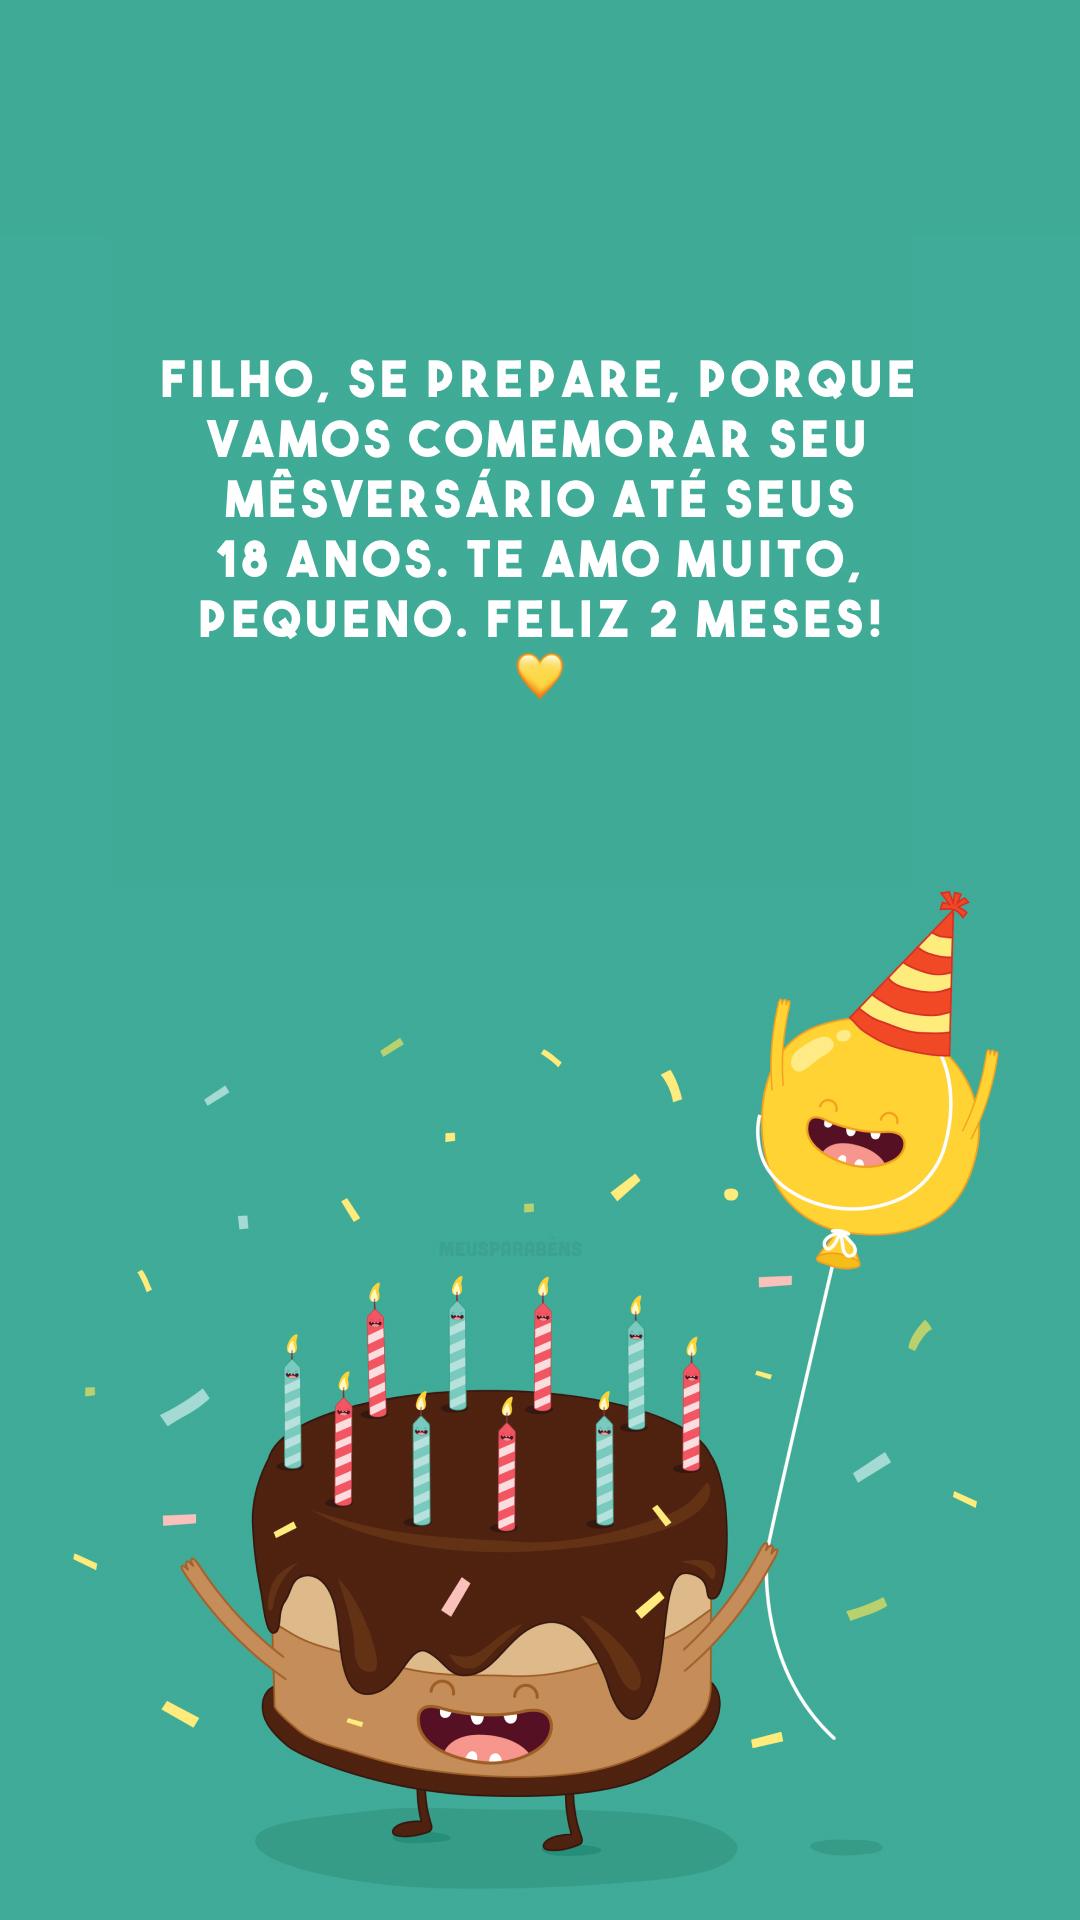 Filho, se prepare, porque vamos comemorar seu mêsversário até seus 18 anos. Te amo muito, pequeno. Feliz 2 meses! 💛